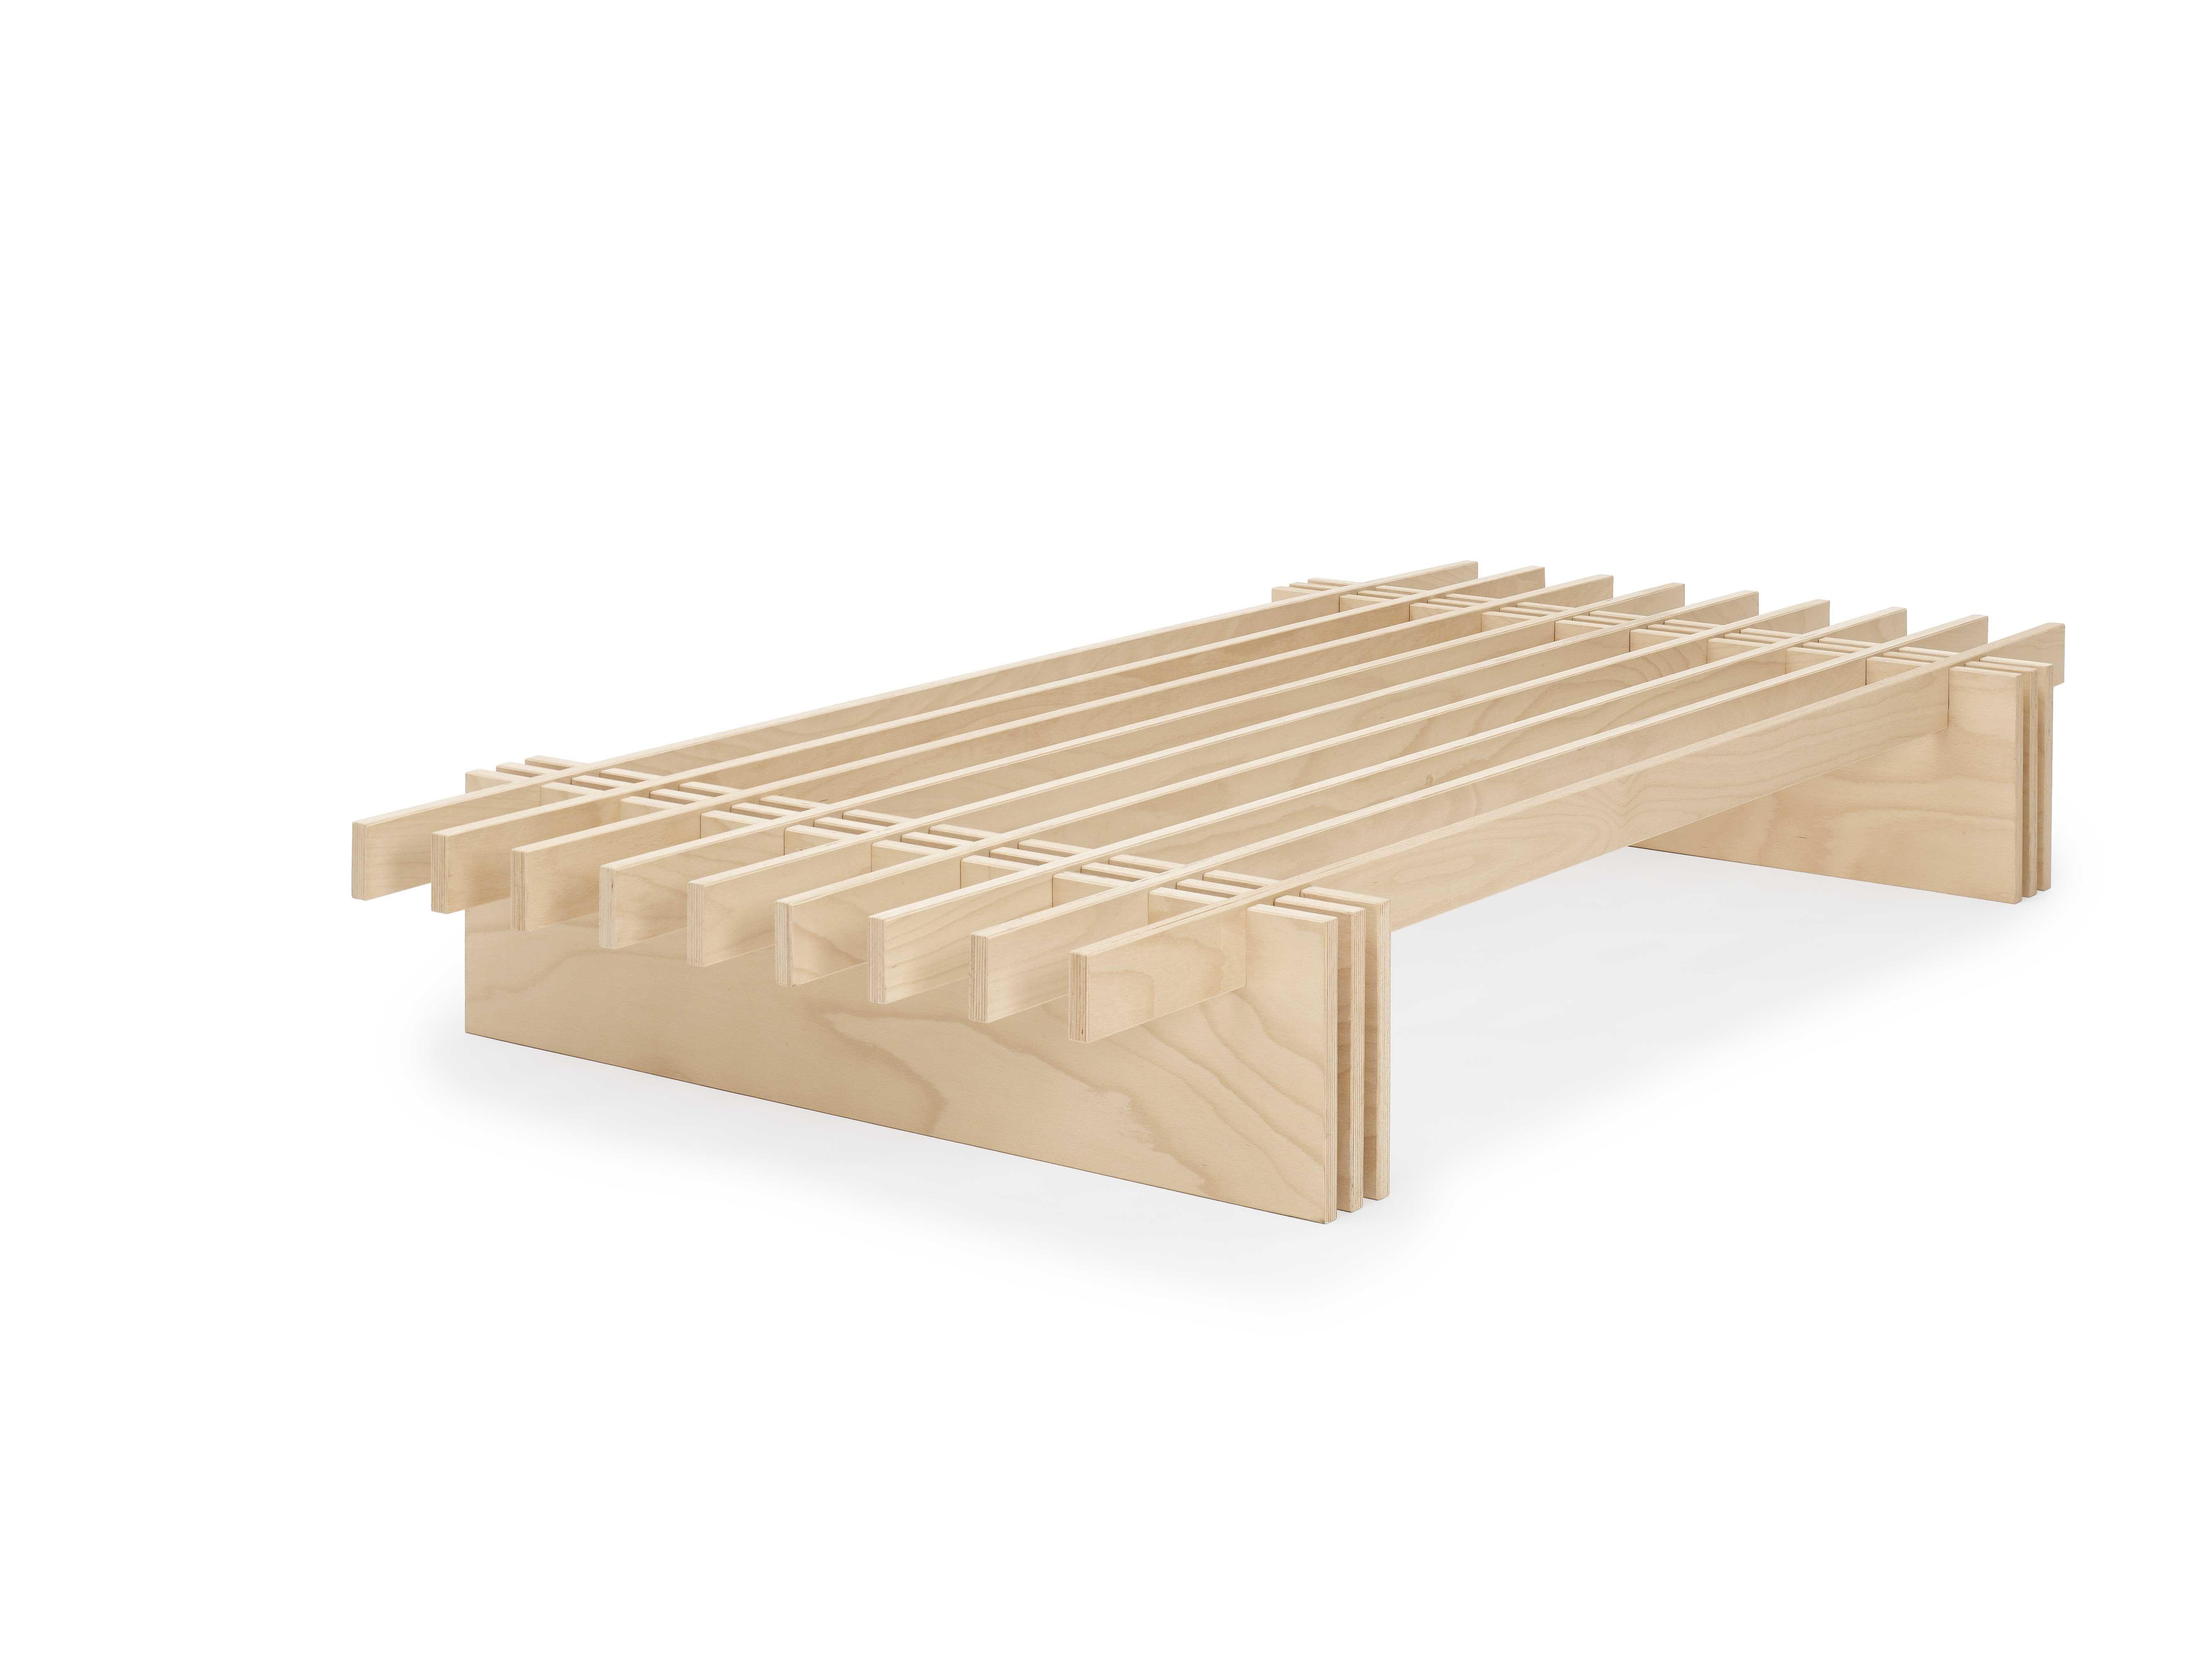 letto Dogo design ecologico doghe legno giapponese naturale (2) - Onfuton